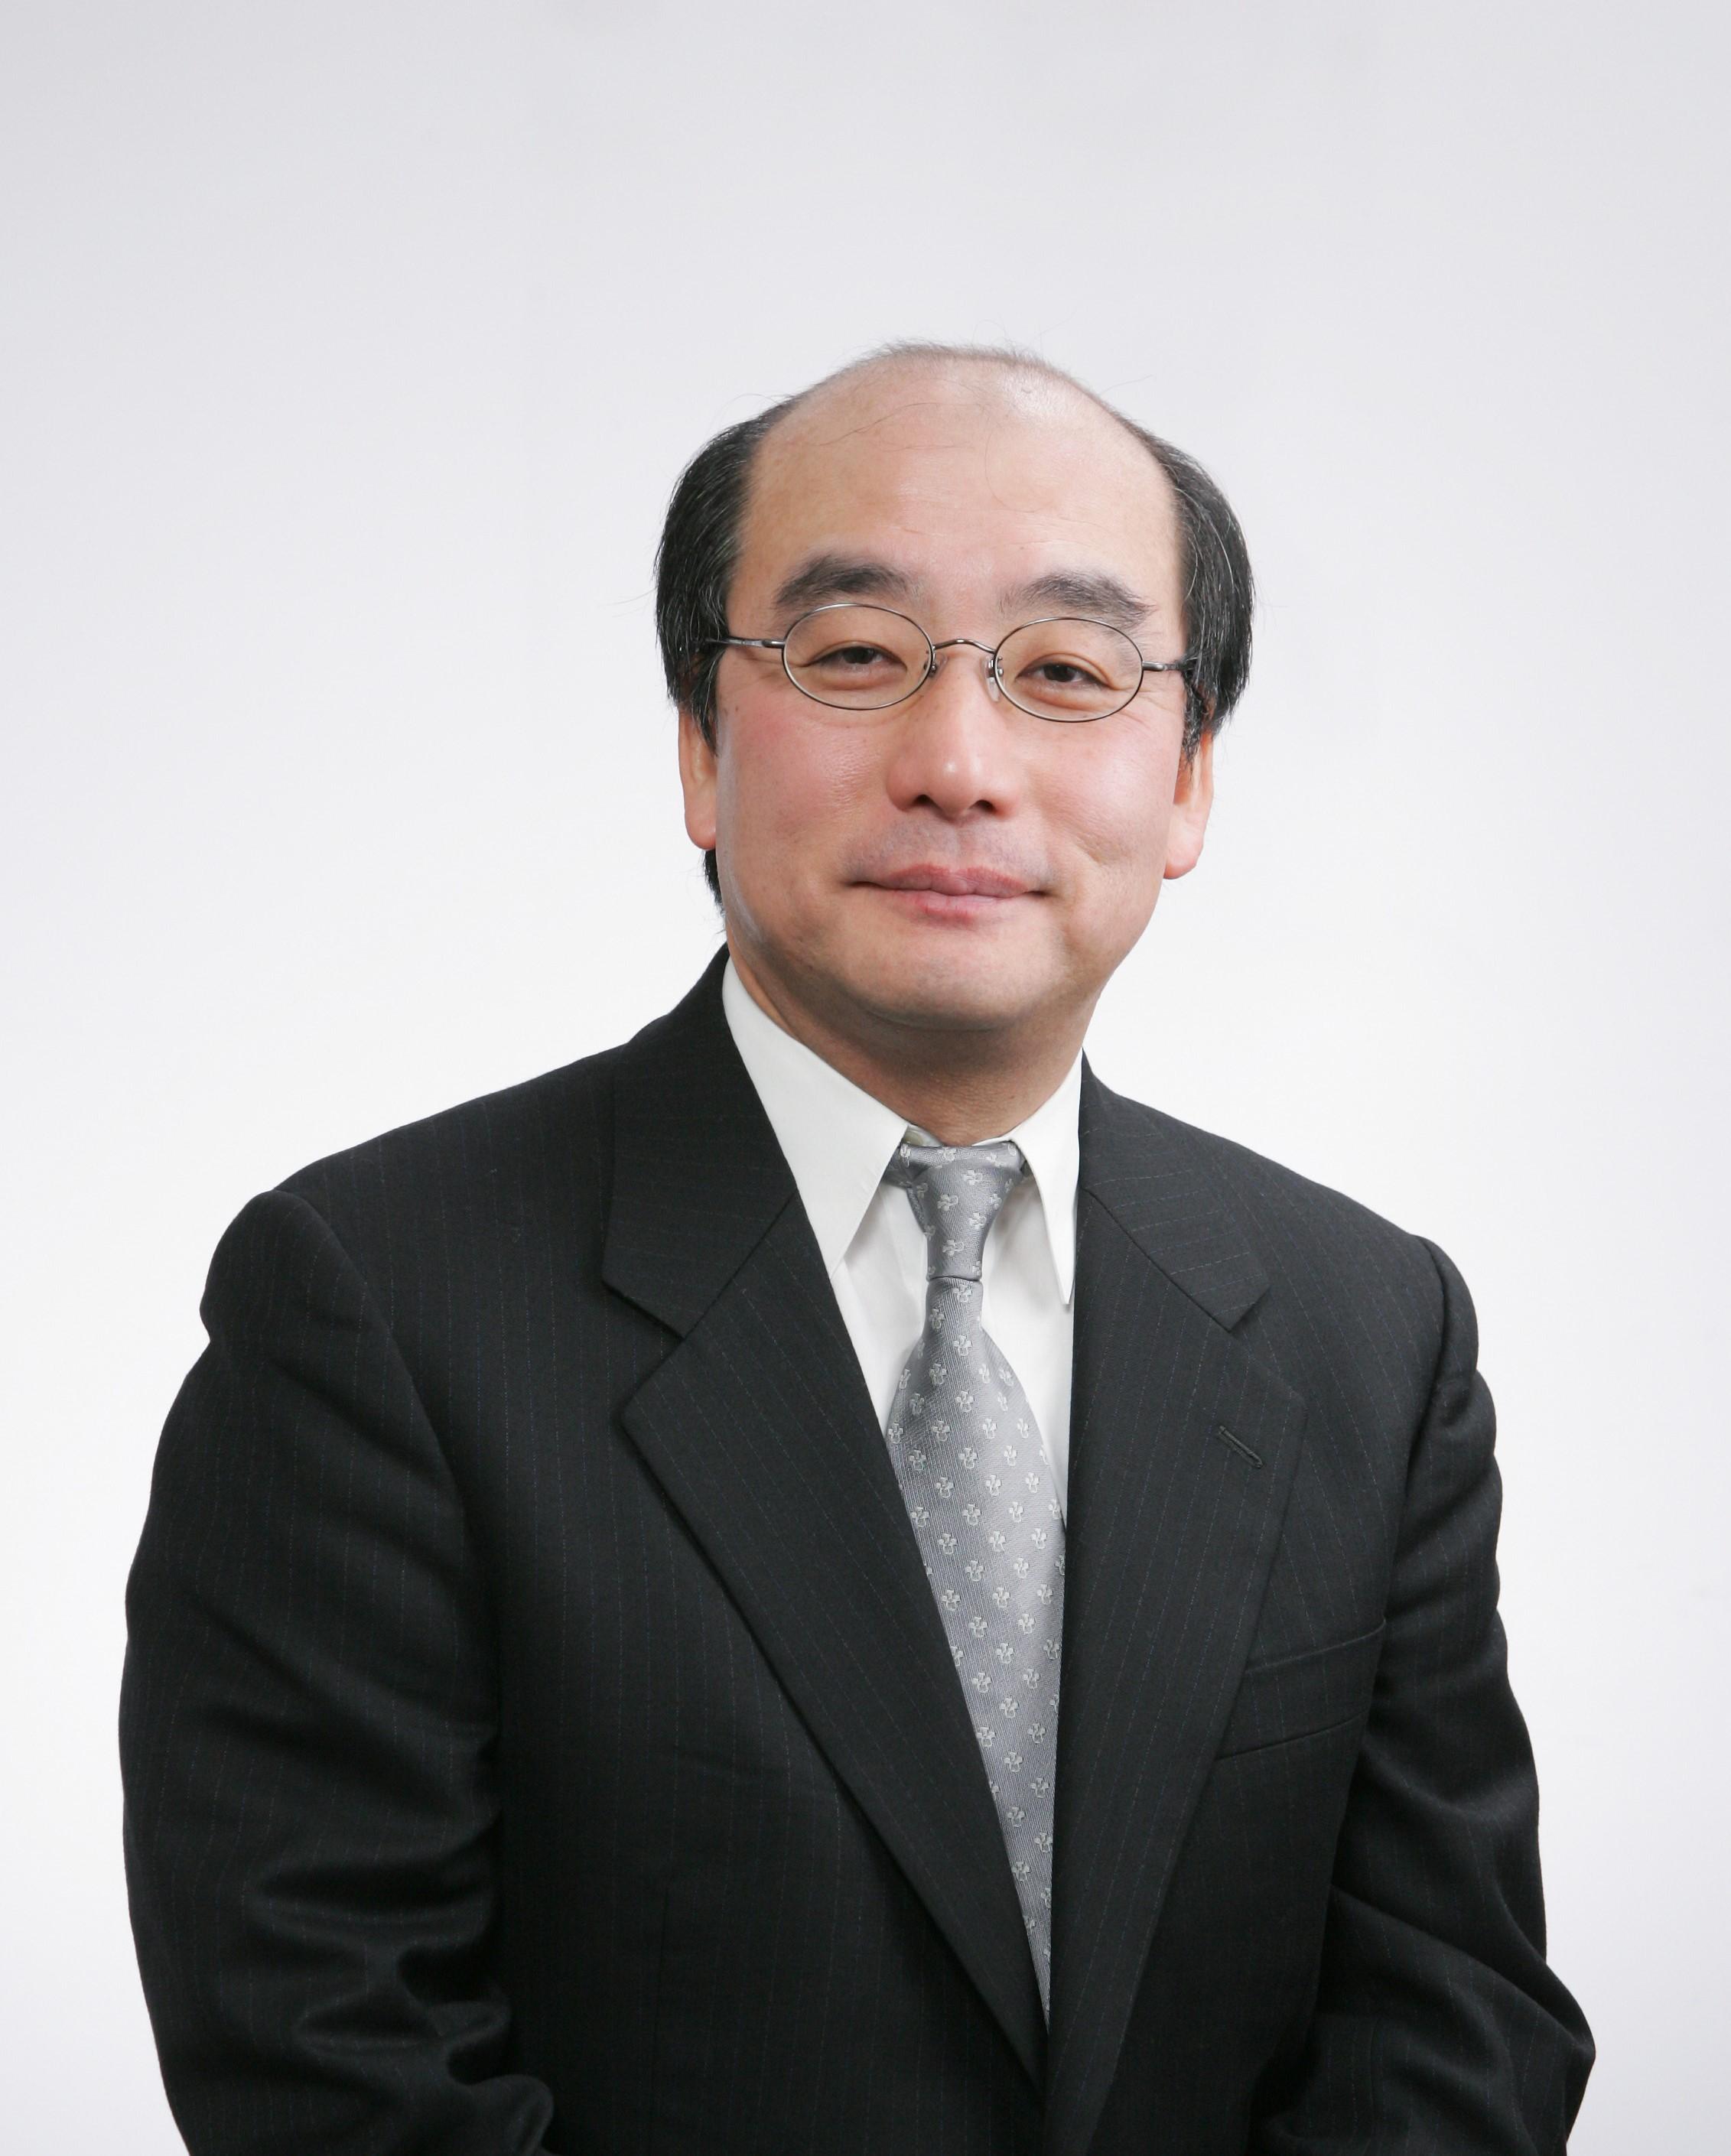 An image of Yasushi Kambayashi